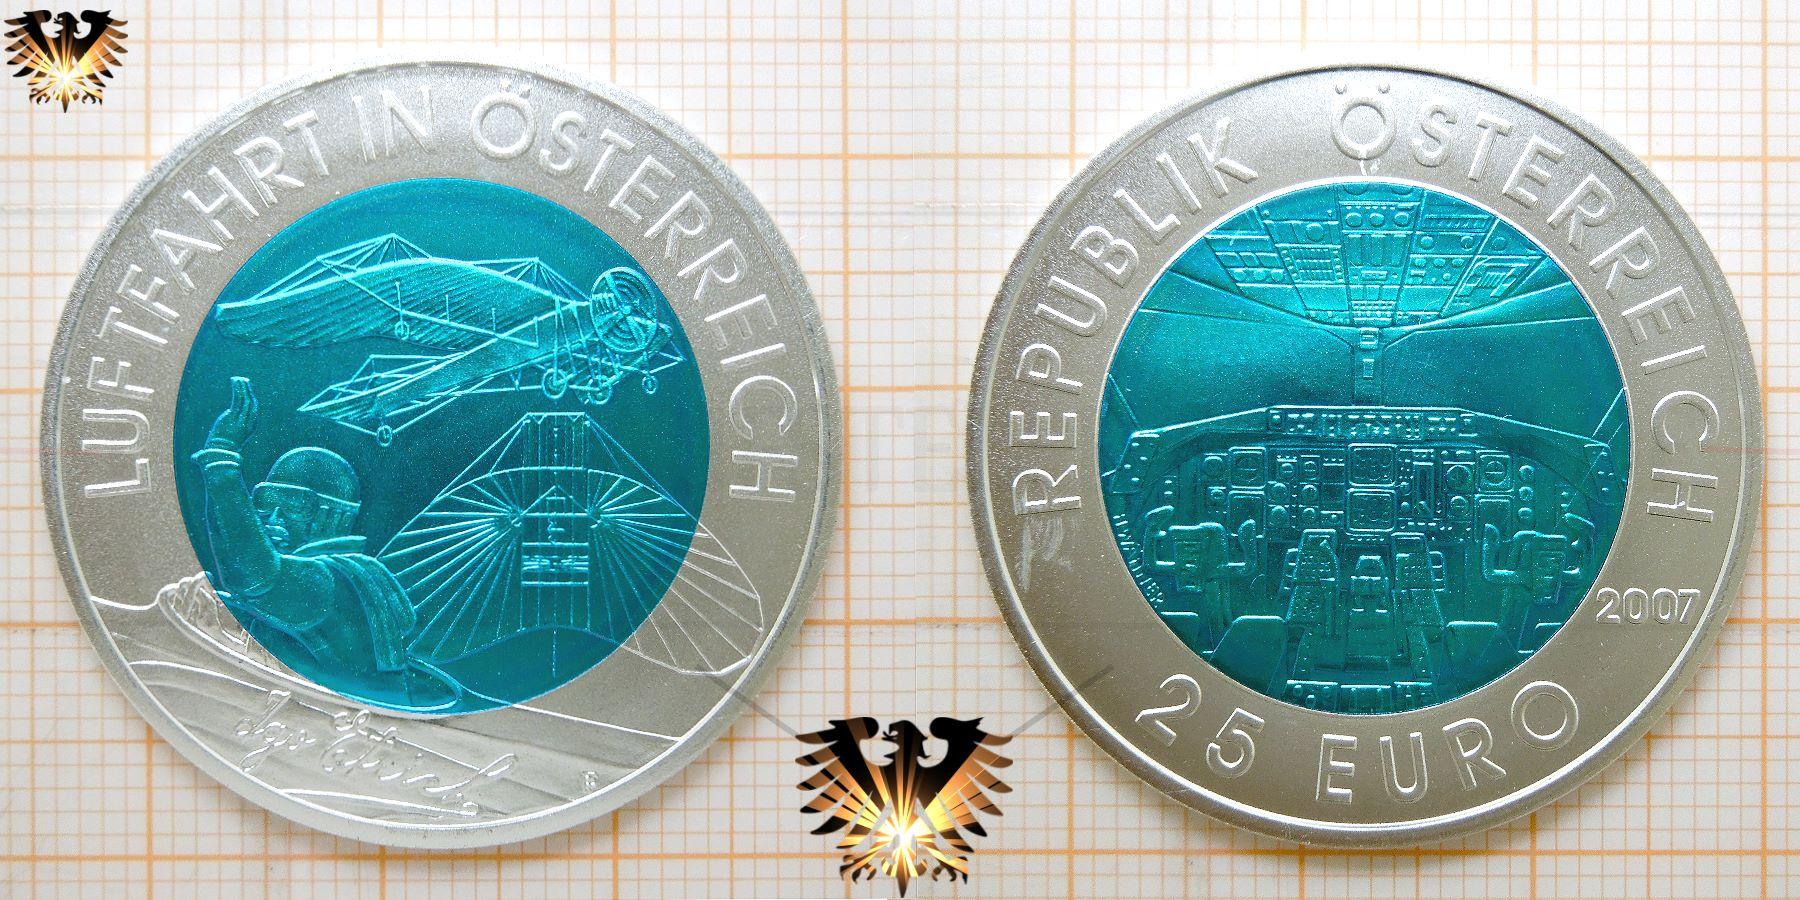 25 Euro Silber Niob Münze Luftfahrt In österreich 2007 Igo